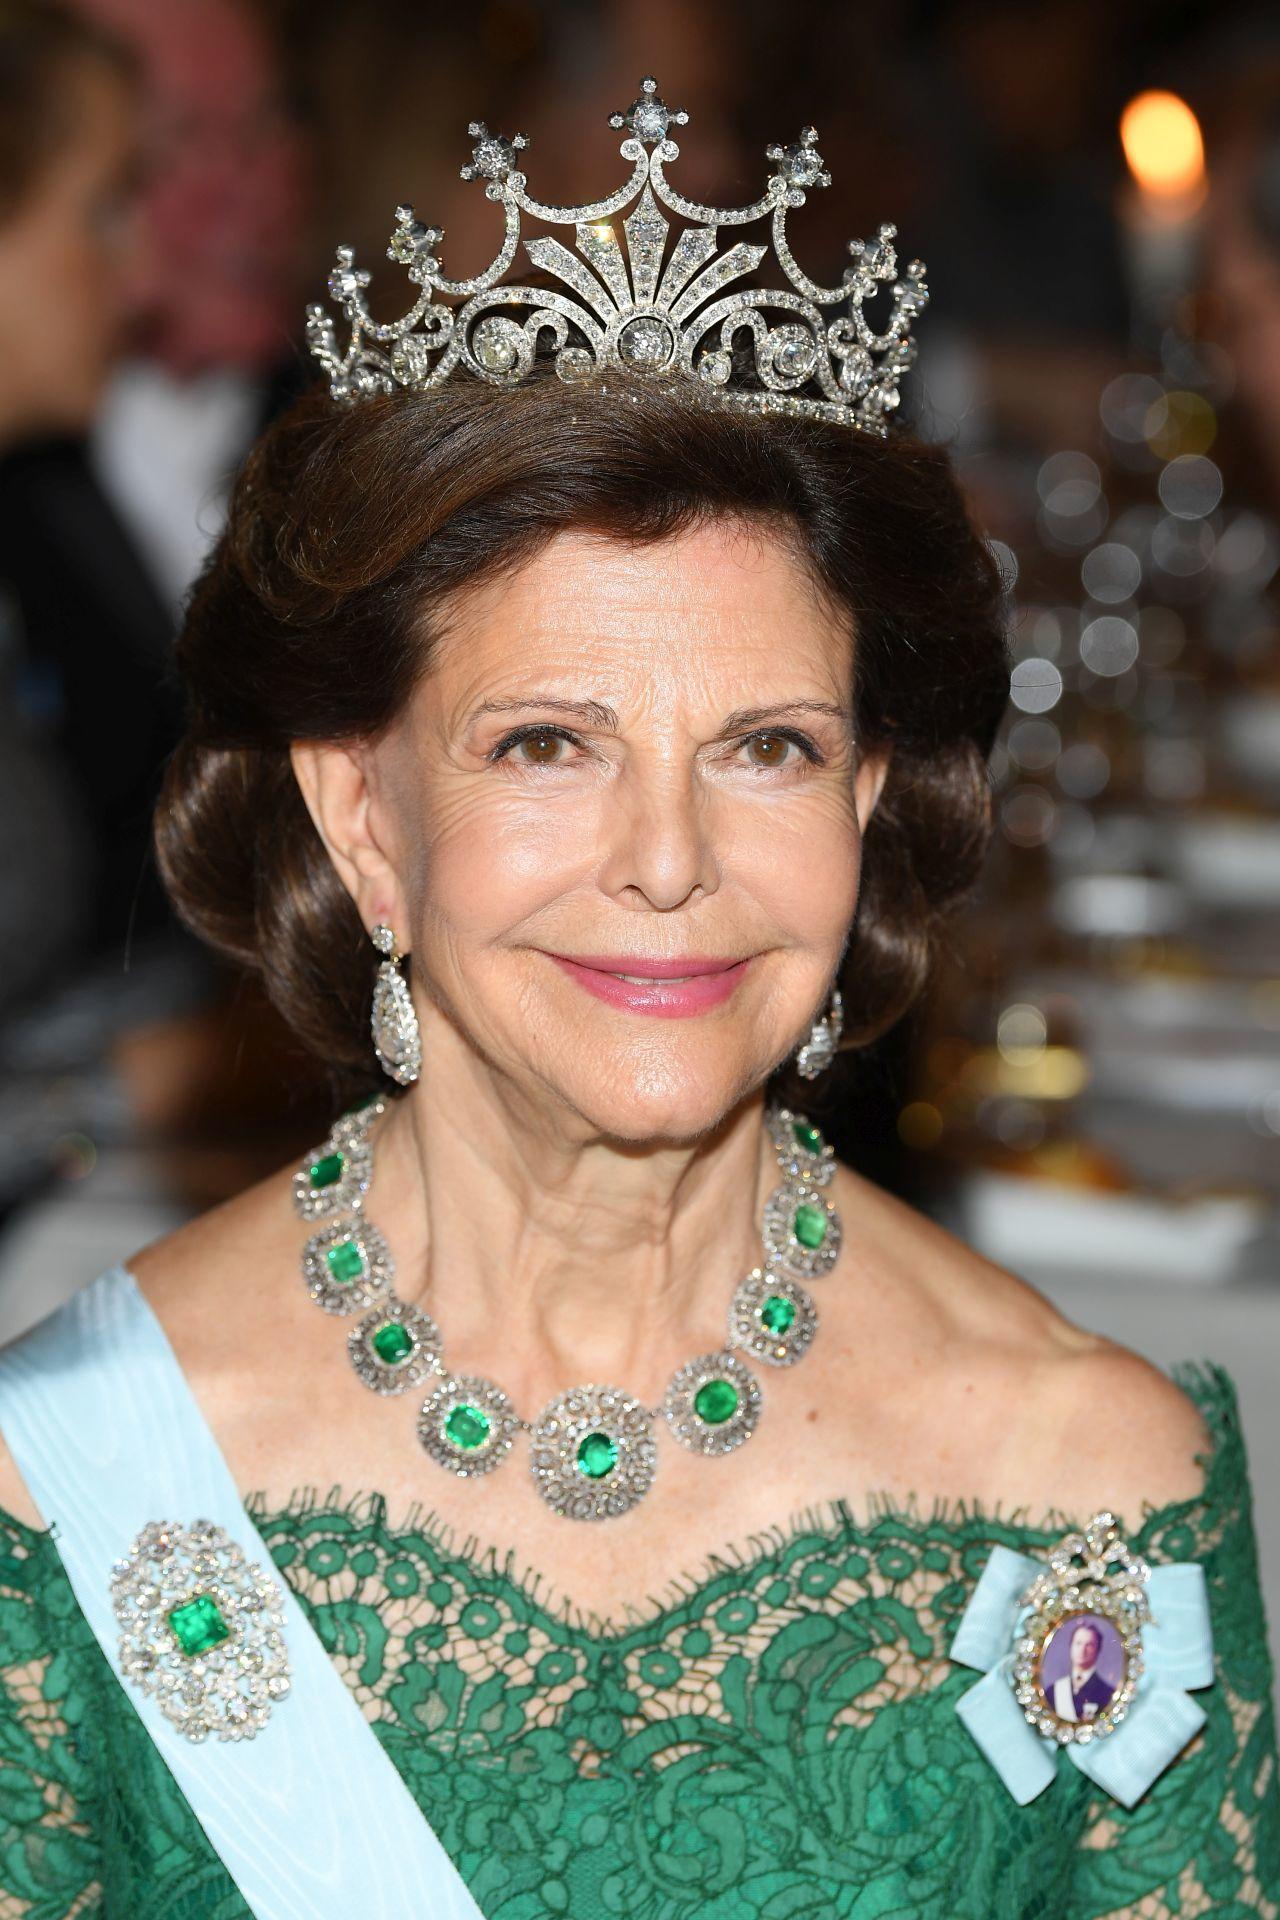 Szilvia svéd királyné 2018-ban, ruháján a királyi családi rangjelzés.